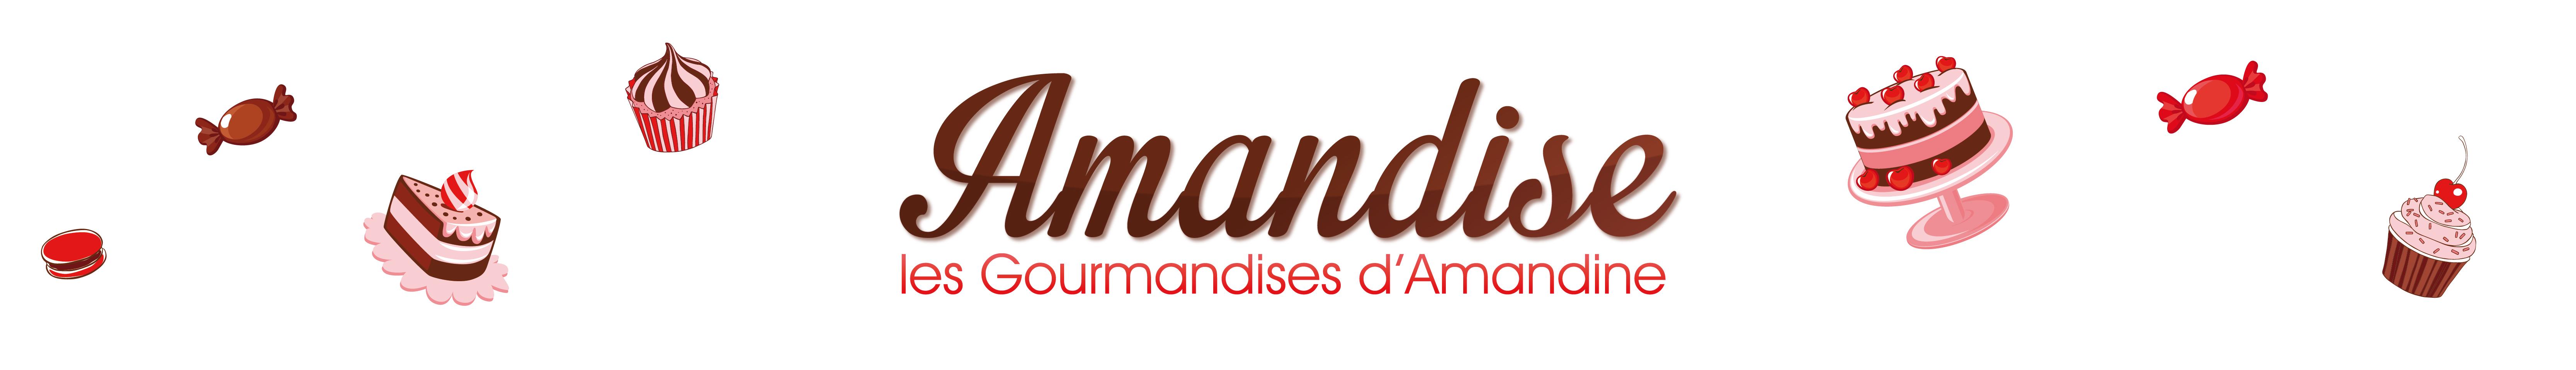 Amandise